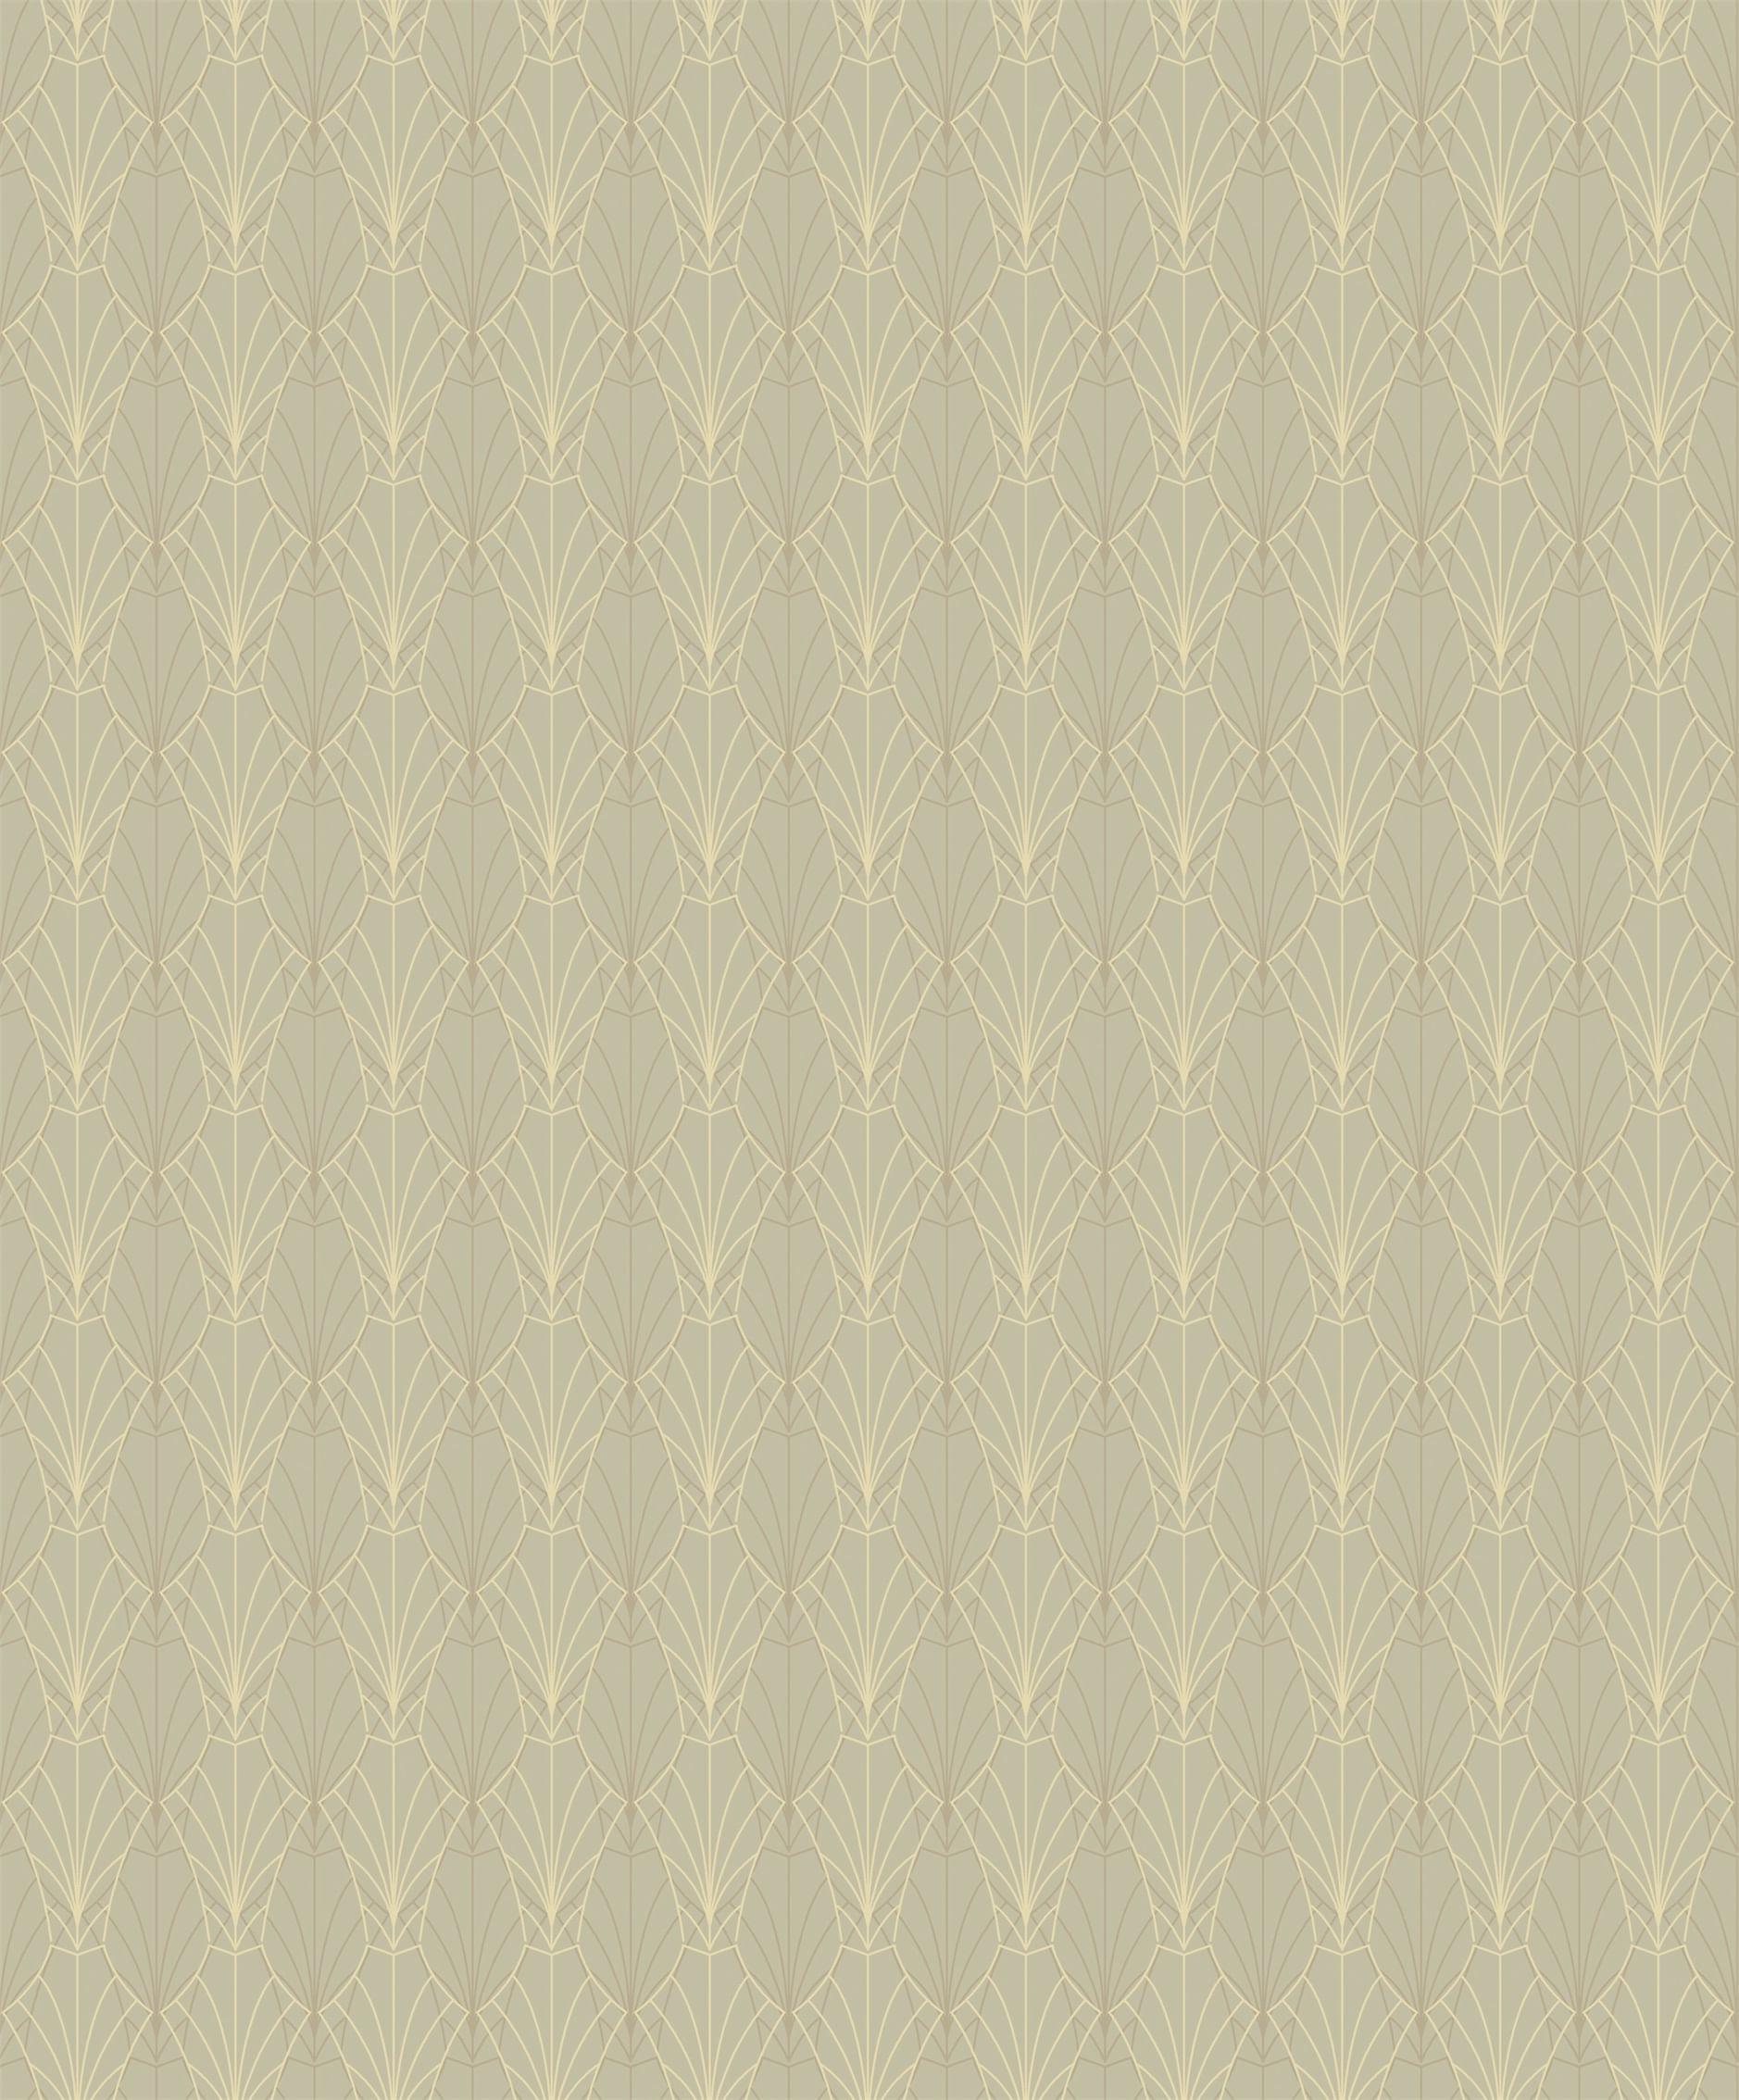 Papel de Parede Modern Maison Formas Orgânicas MM559201 - Rolo: 10m x 0,52m